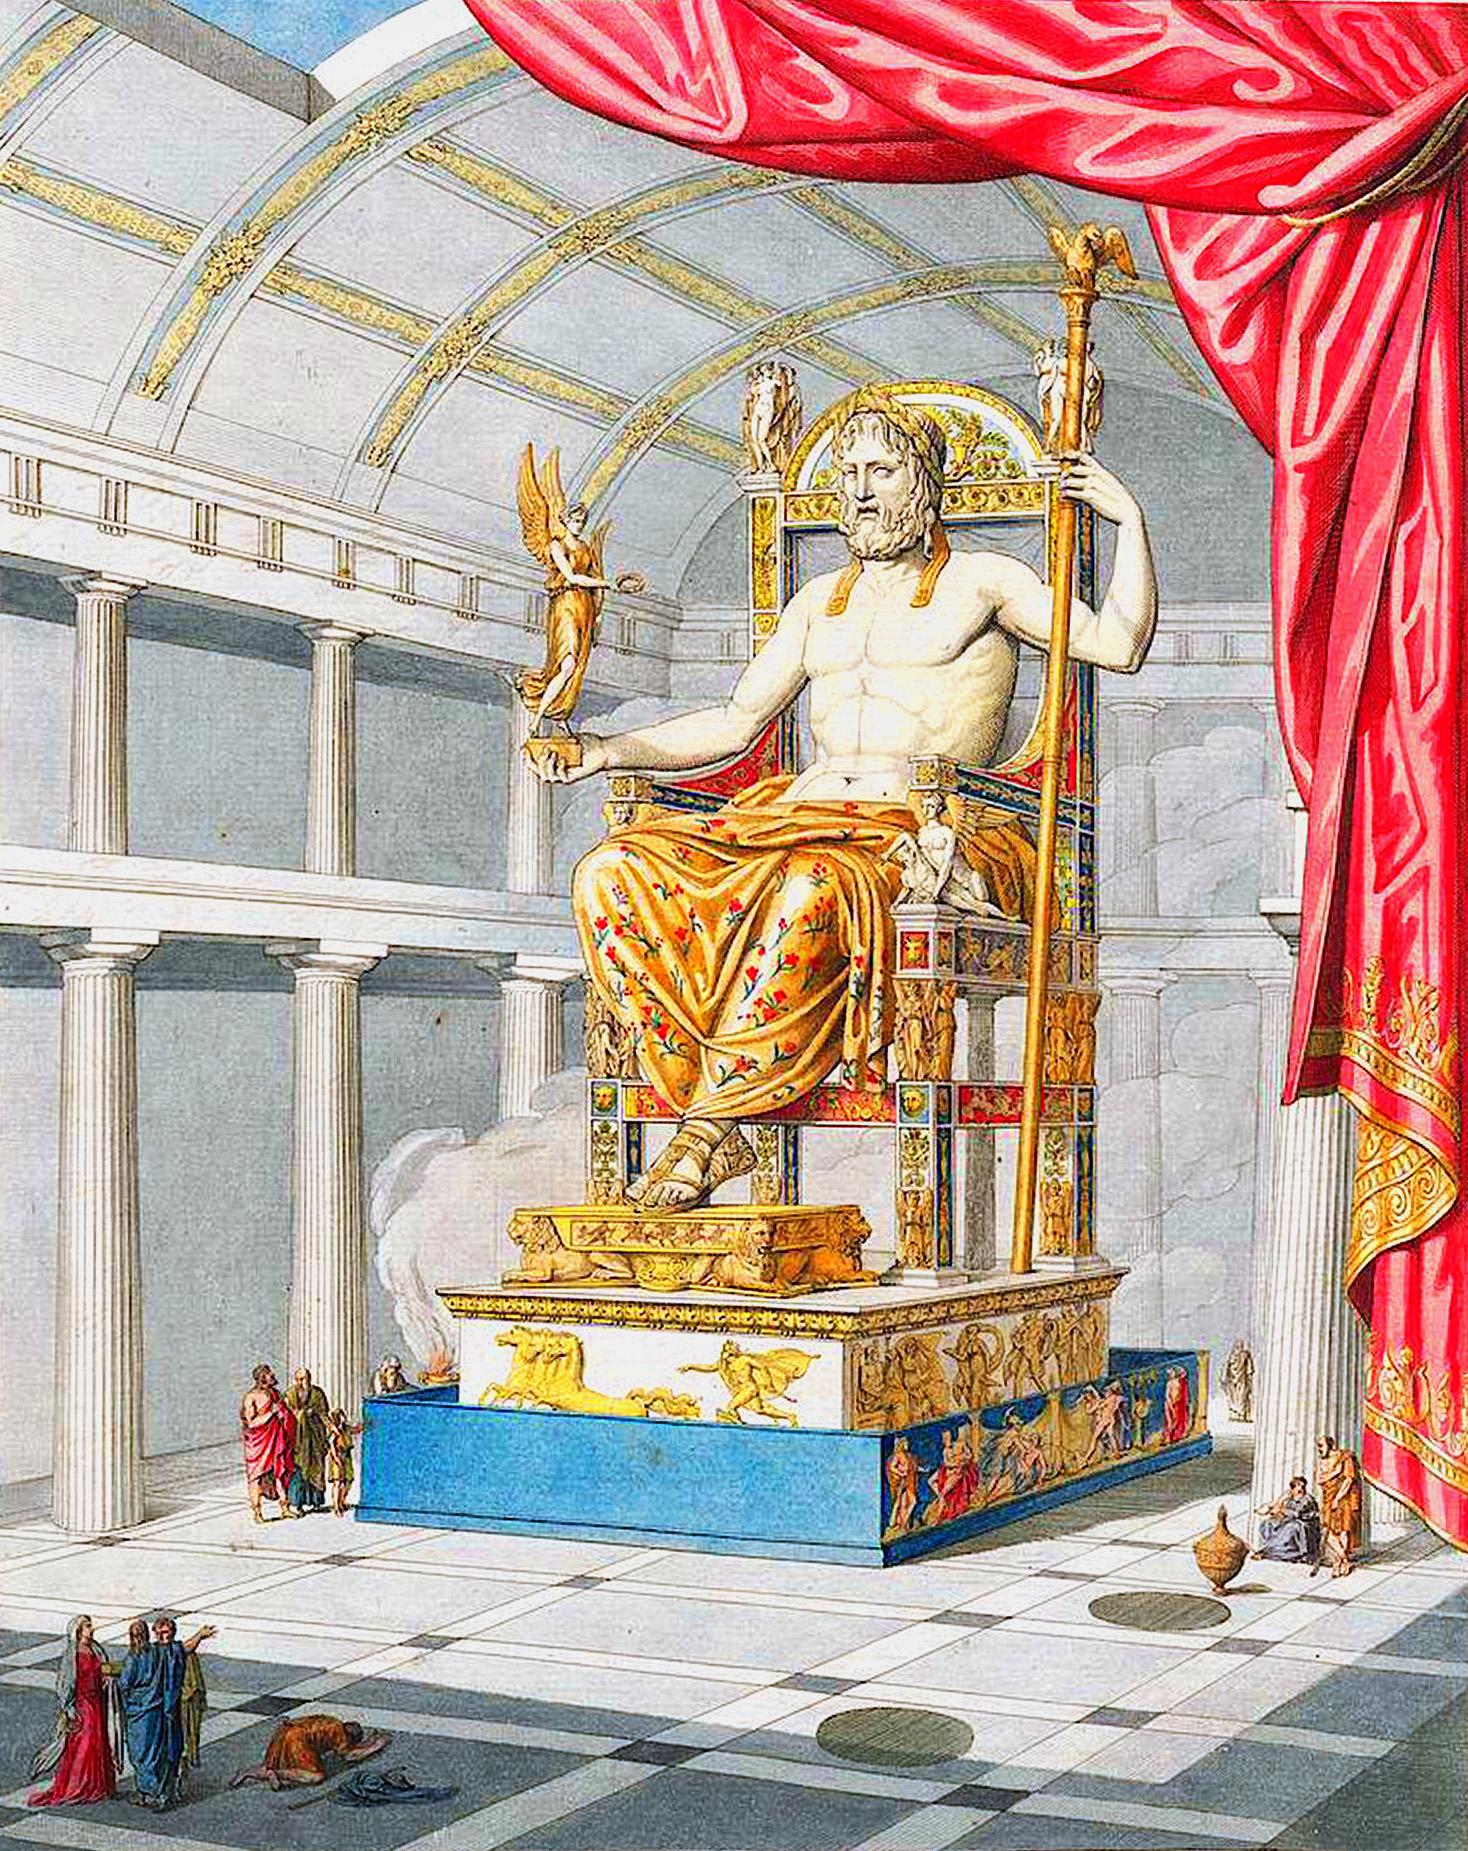 Юпитер (= Зевс), восседающий на троне, в интерьере храма  Воссоздание храма Зевса. Фронтиспис из редчайшей книги архитектора Катрмера де Кенси Олимпиец Юпитер, или искусство античной скульптуры в новом свете. 1815.